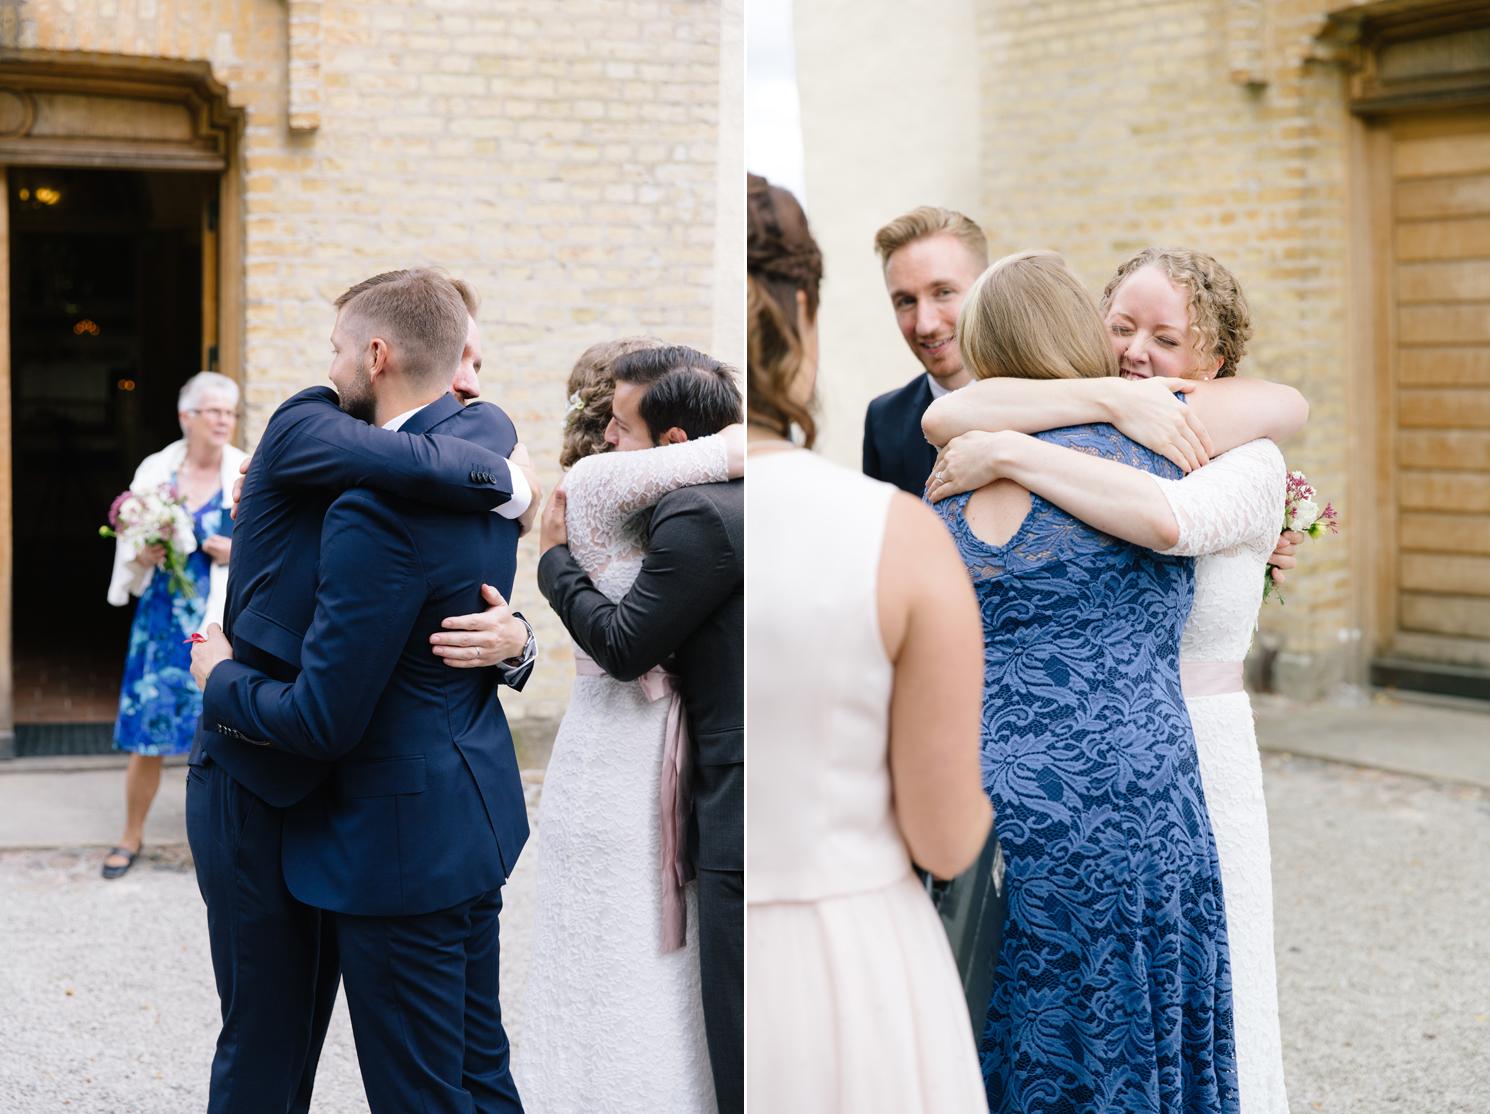 brollopsfotografering-maria-o-photo-vigsel-ortofta-slott-ortofta-kyrka-gratulationer-4